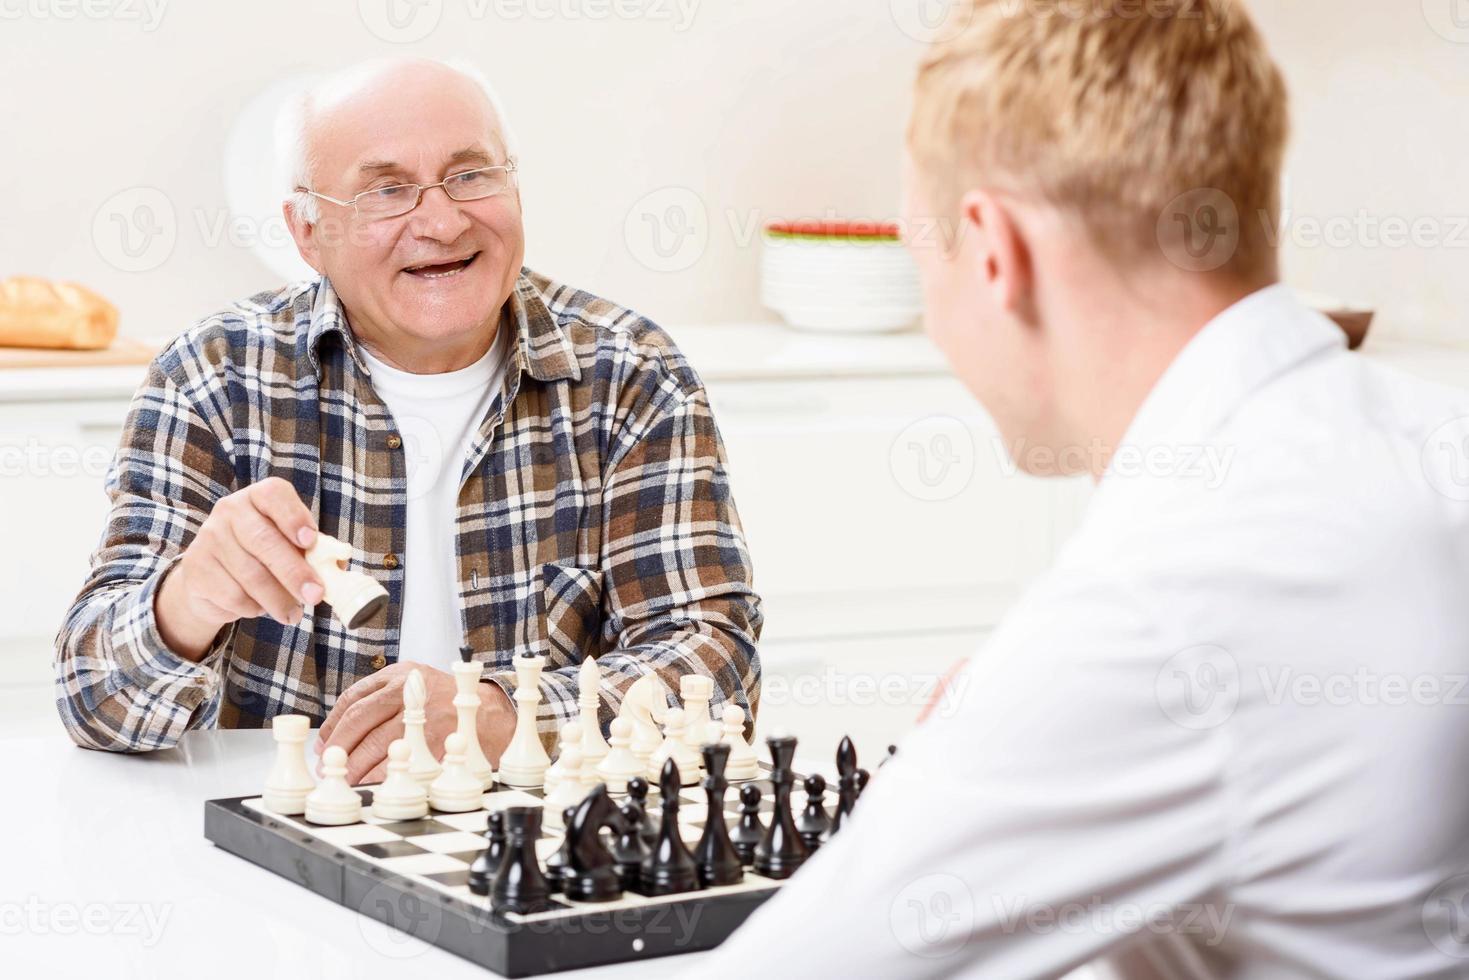 Enkel und Großvater spielen Schach in der Küche foto